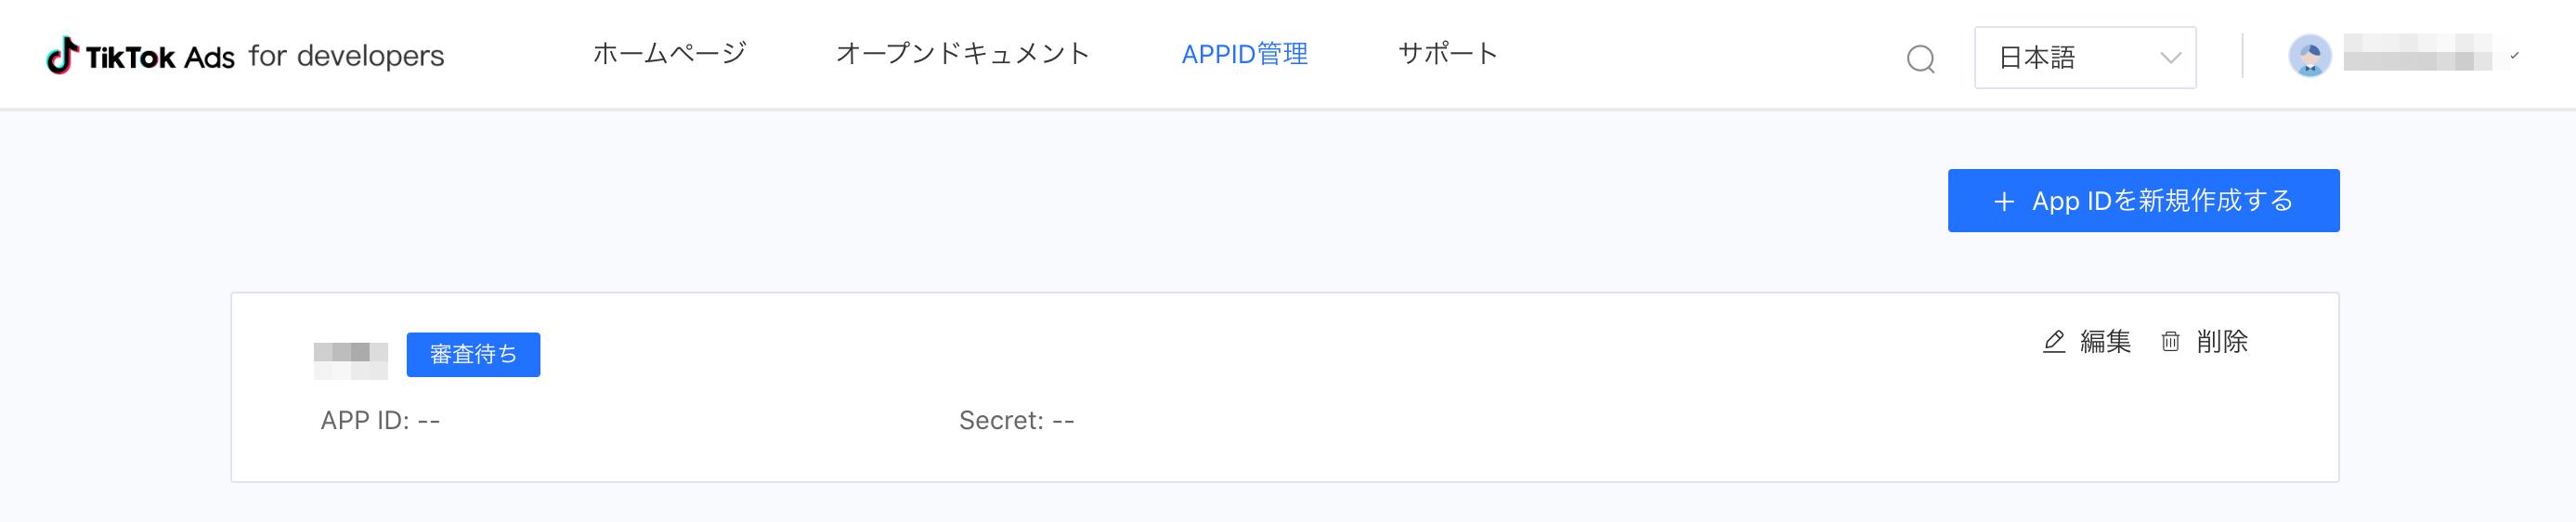 スクリーンショット 2019-12-04 18.28.18のコピー.png